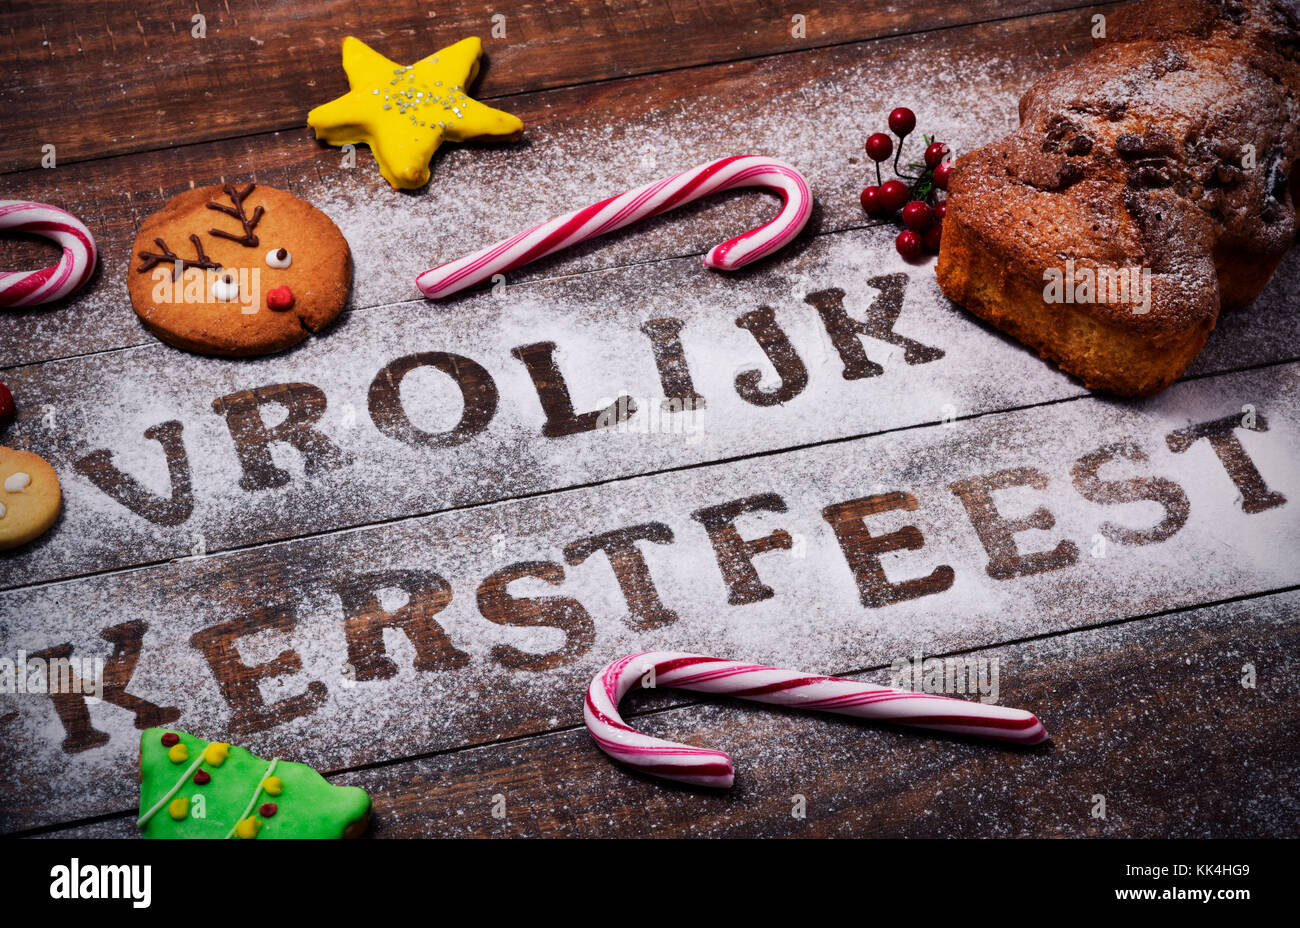 Frohe Weihnachten Und Ein Gutes Neues Jahr Holländisch.Weihnachten Holländisch Weihnachtsgrüße Deutsch Niederländisch